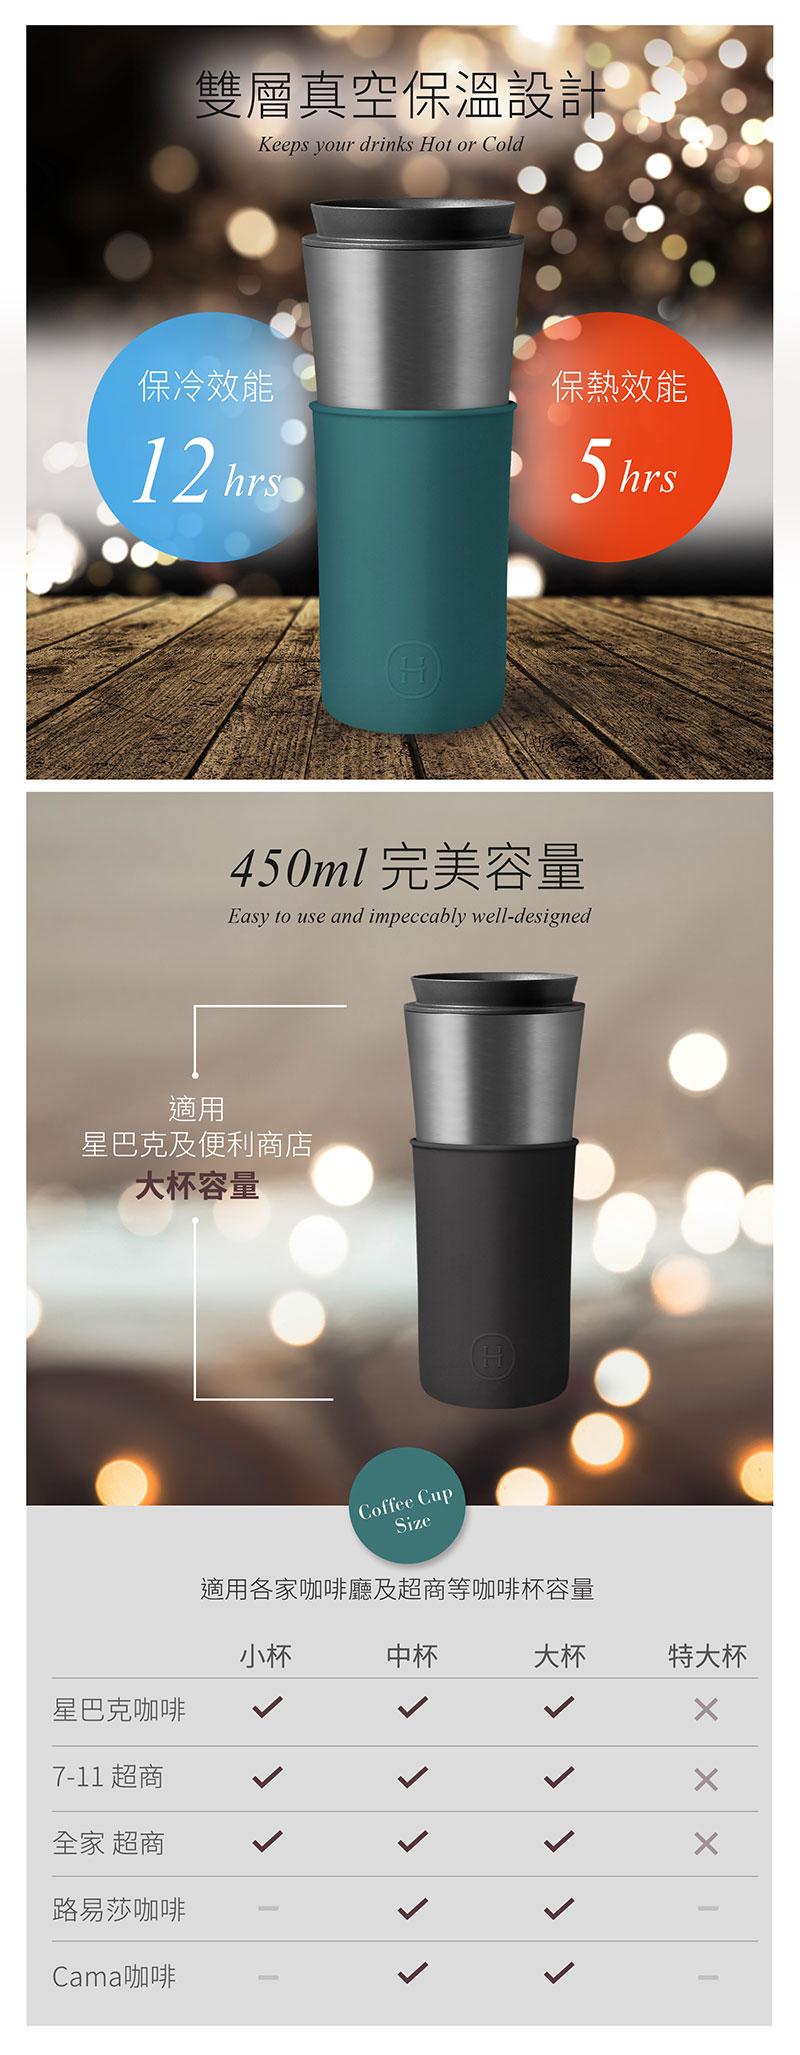 美國 HYDY 兩用隨行保溫杯 450ml 鈦灰杯